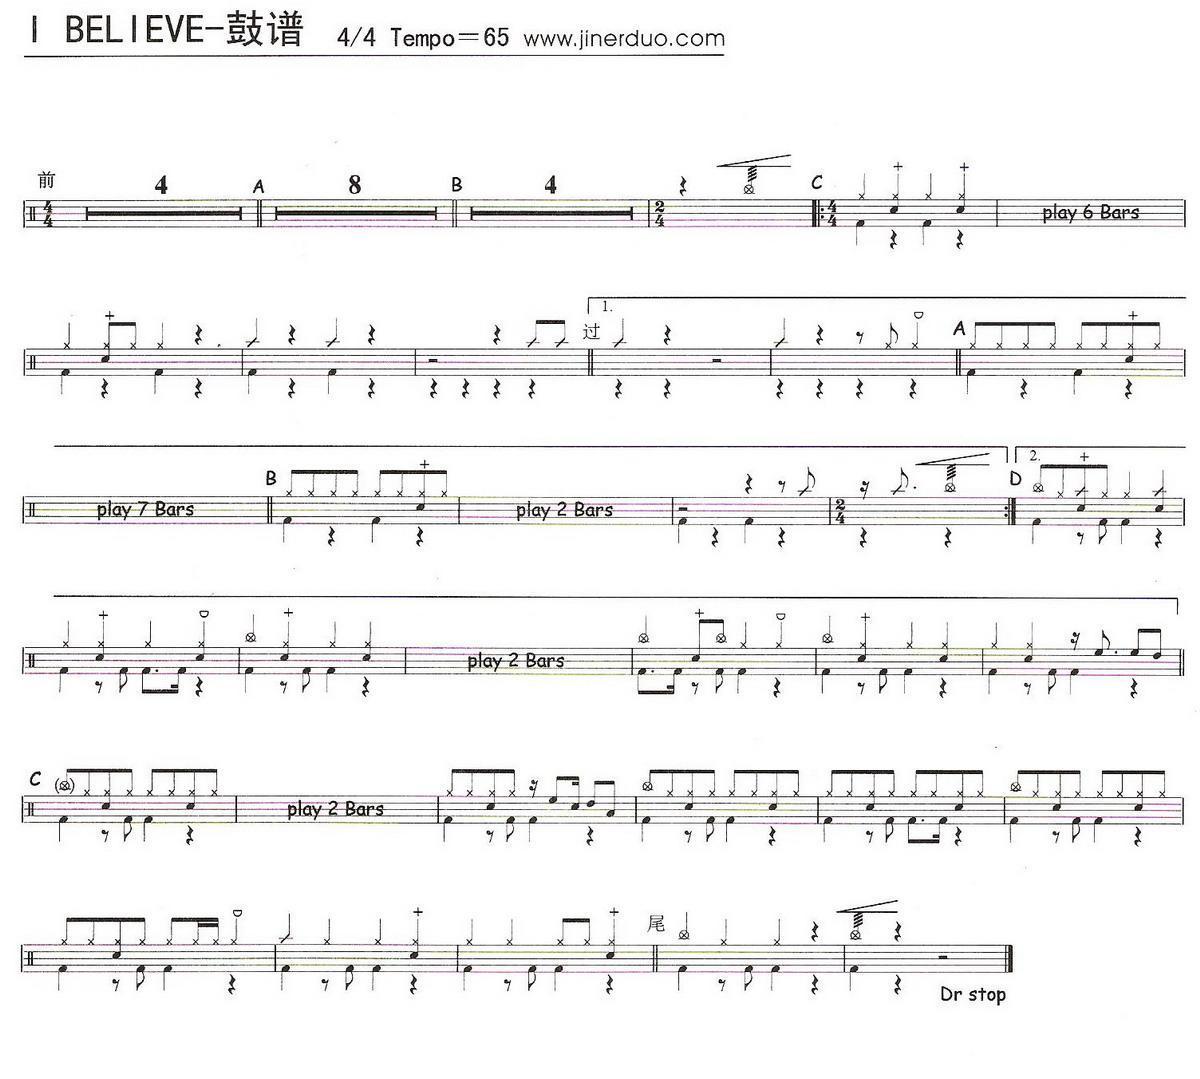 believe_其他曲谱_歌谱下载